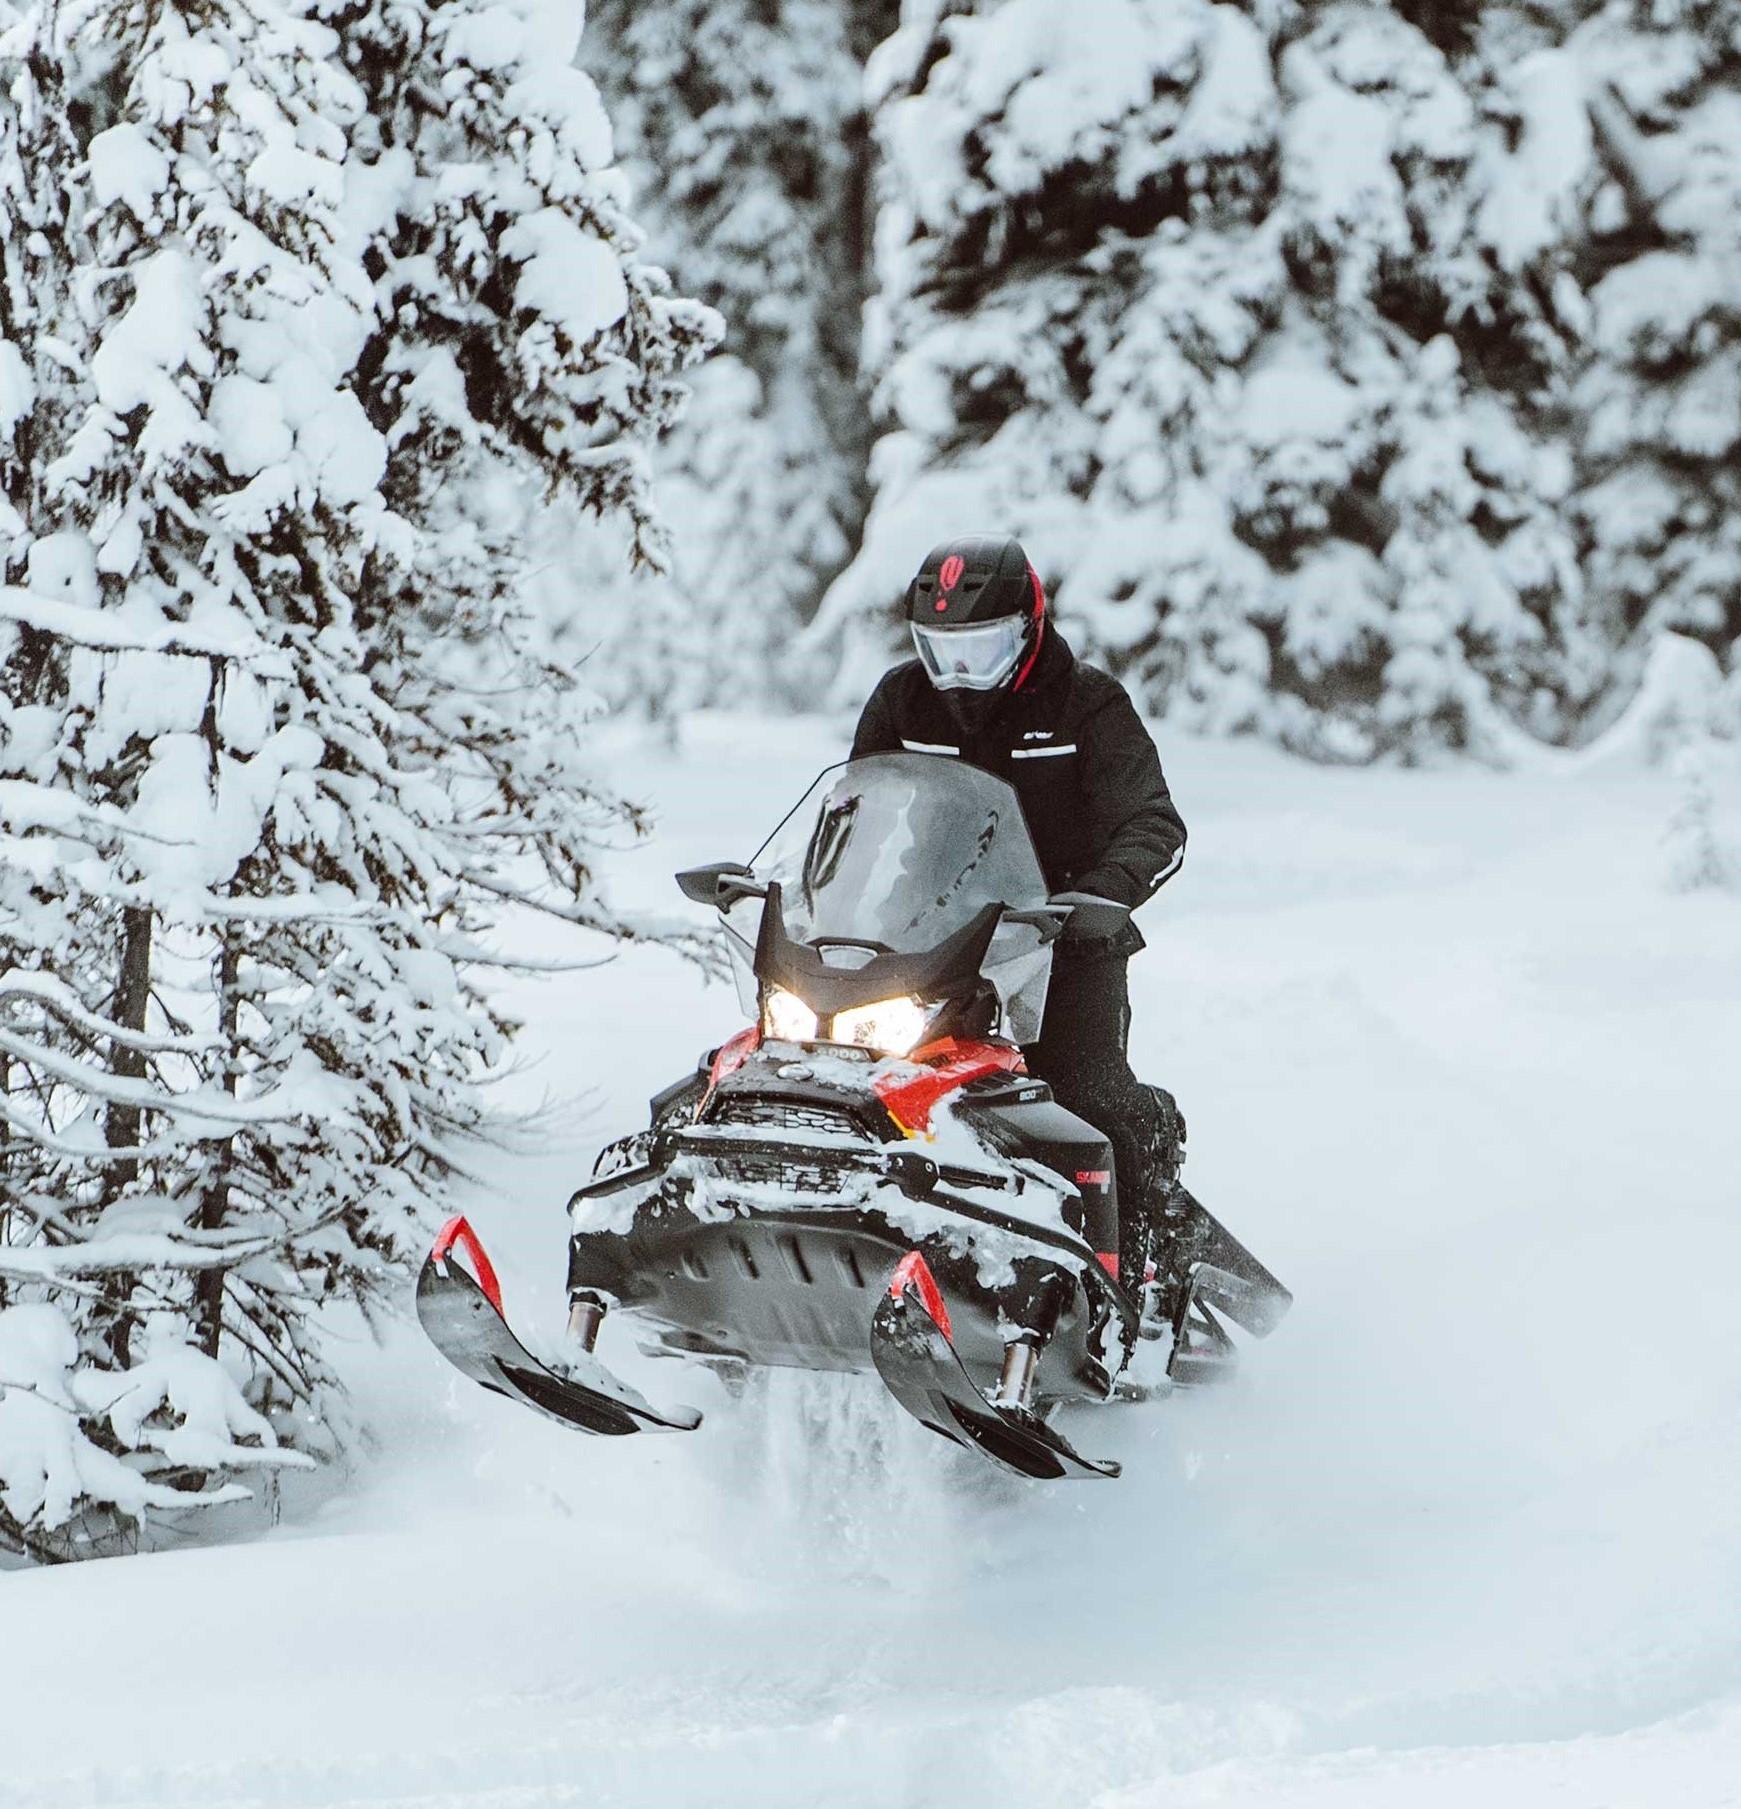 Какой снегоход лучше купить?